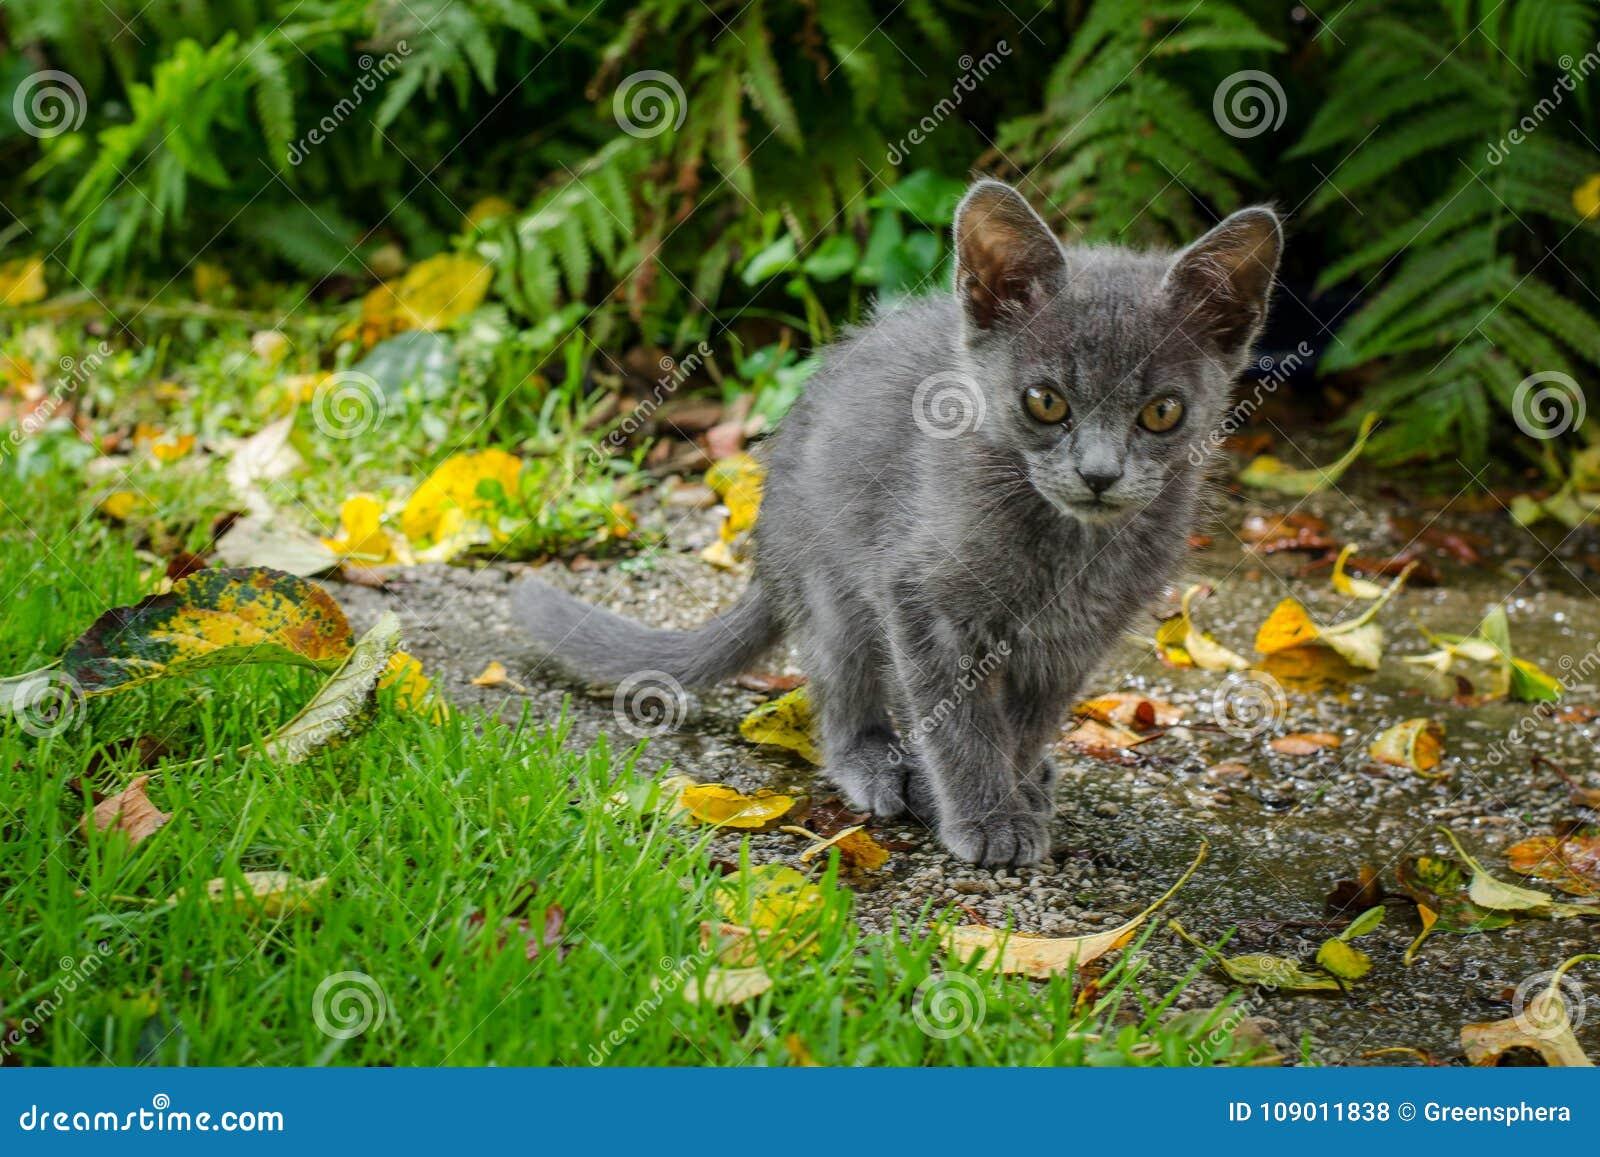 Ρωσική μπλε γάτα που περπατά μέσω ενός κήπου με τη χλόη, τα φύλλα και τις φτέρες